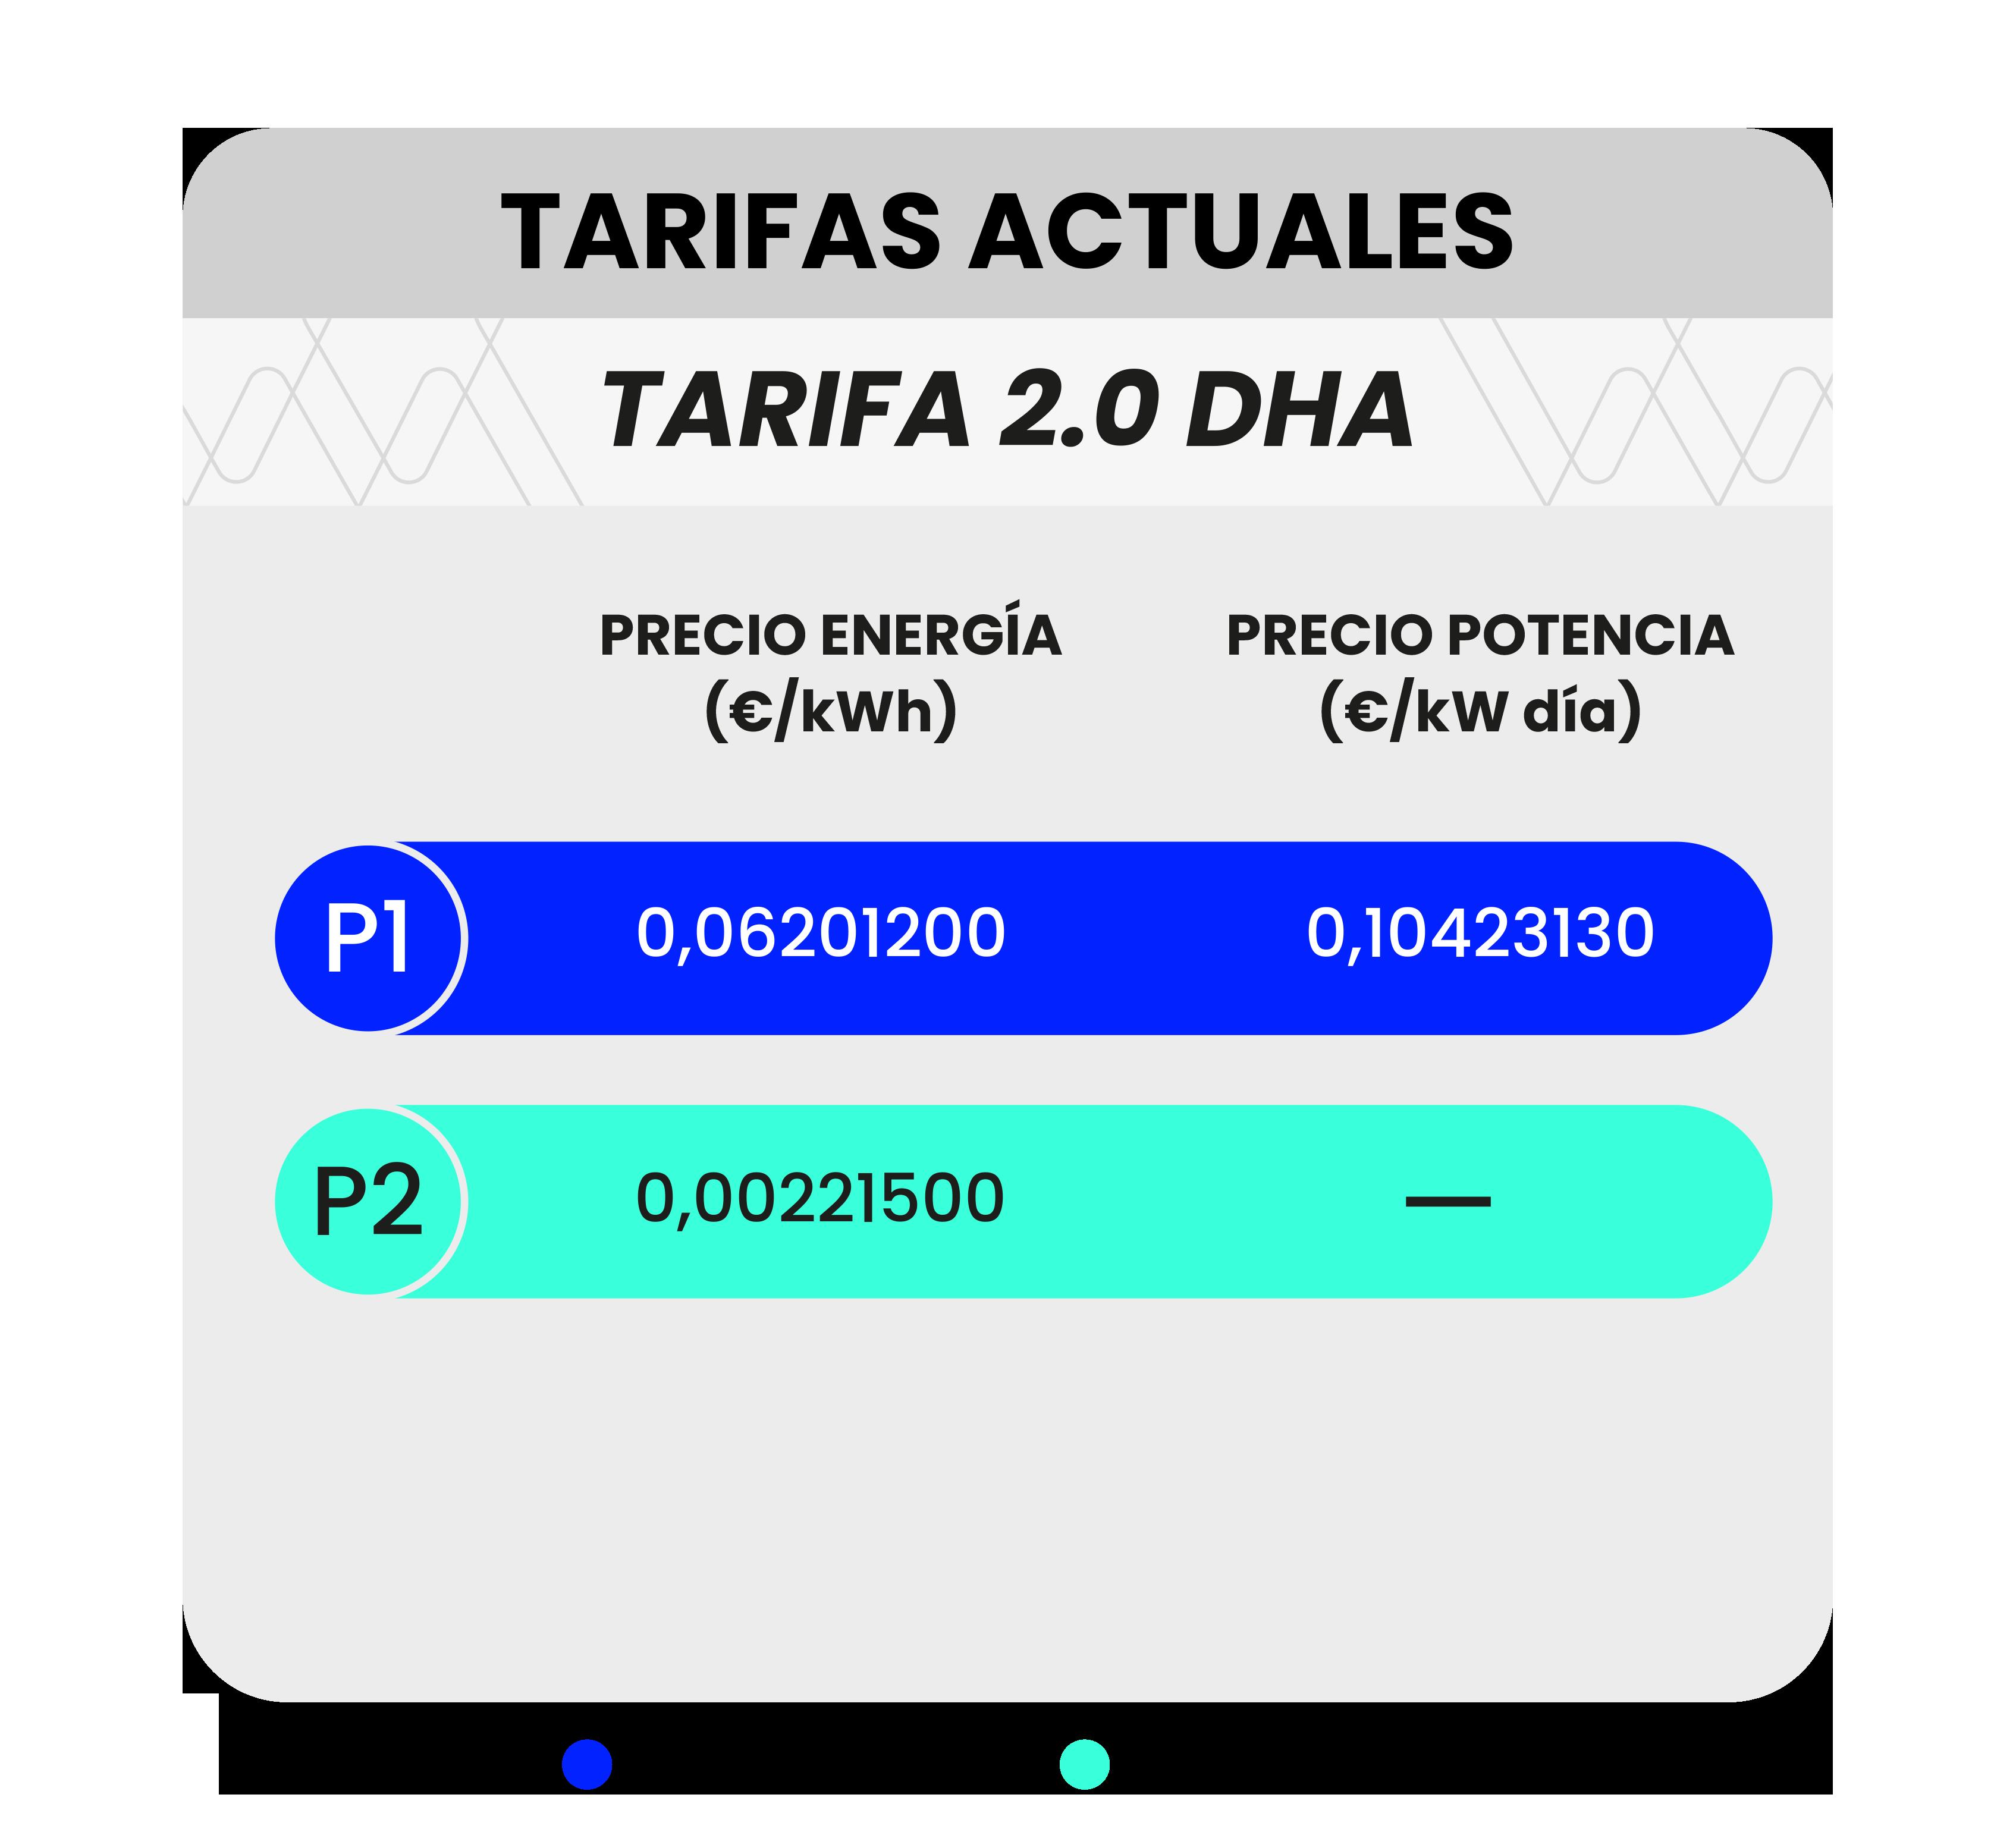 Tabla precios energía y potencia tarifas 2.0TD